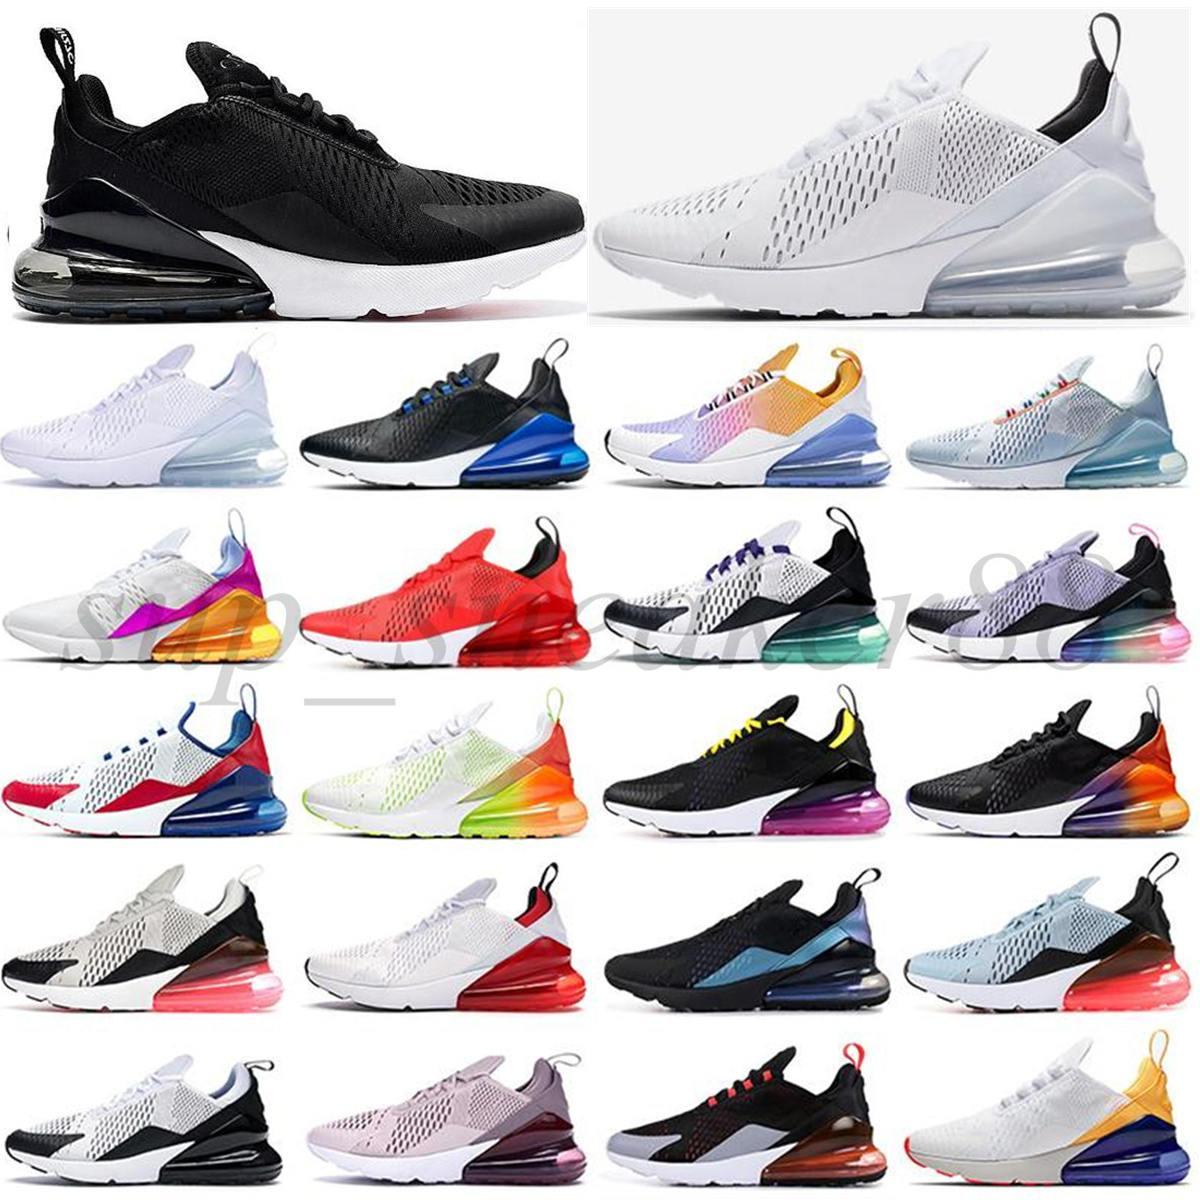 2021 gerçek koşmak ayakkabı üçlü siyah beyaz kırmızı kadın erkek chaussures yetiştirilmiş zar zor gül erkek eğitmenler açık spor ayakkabı